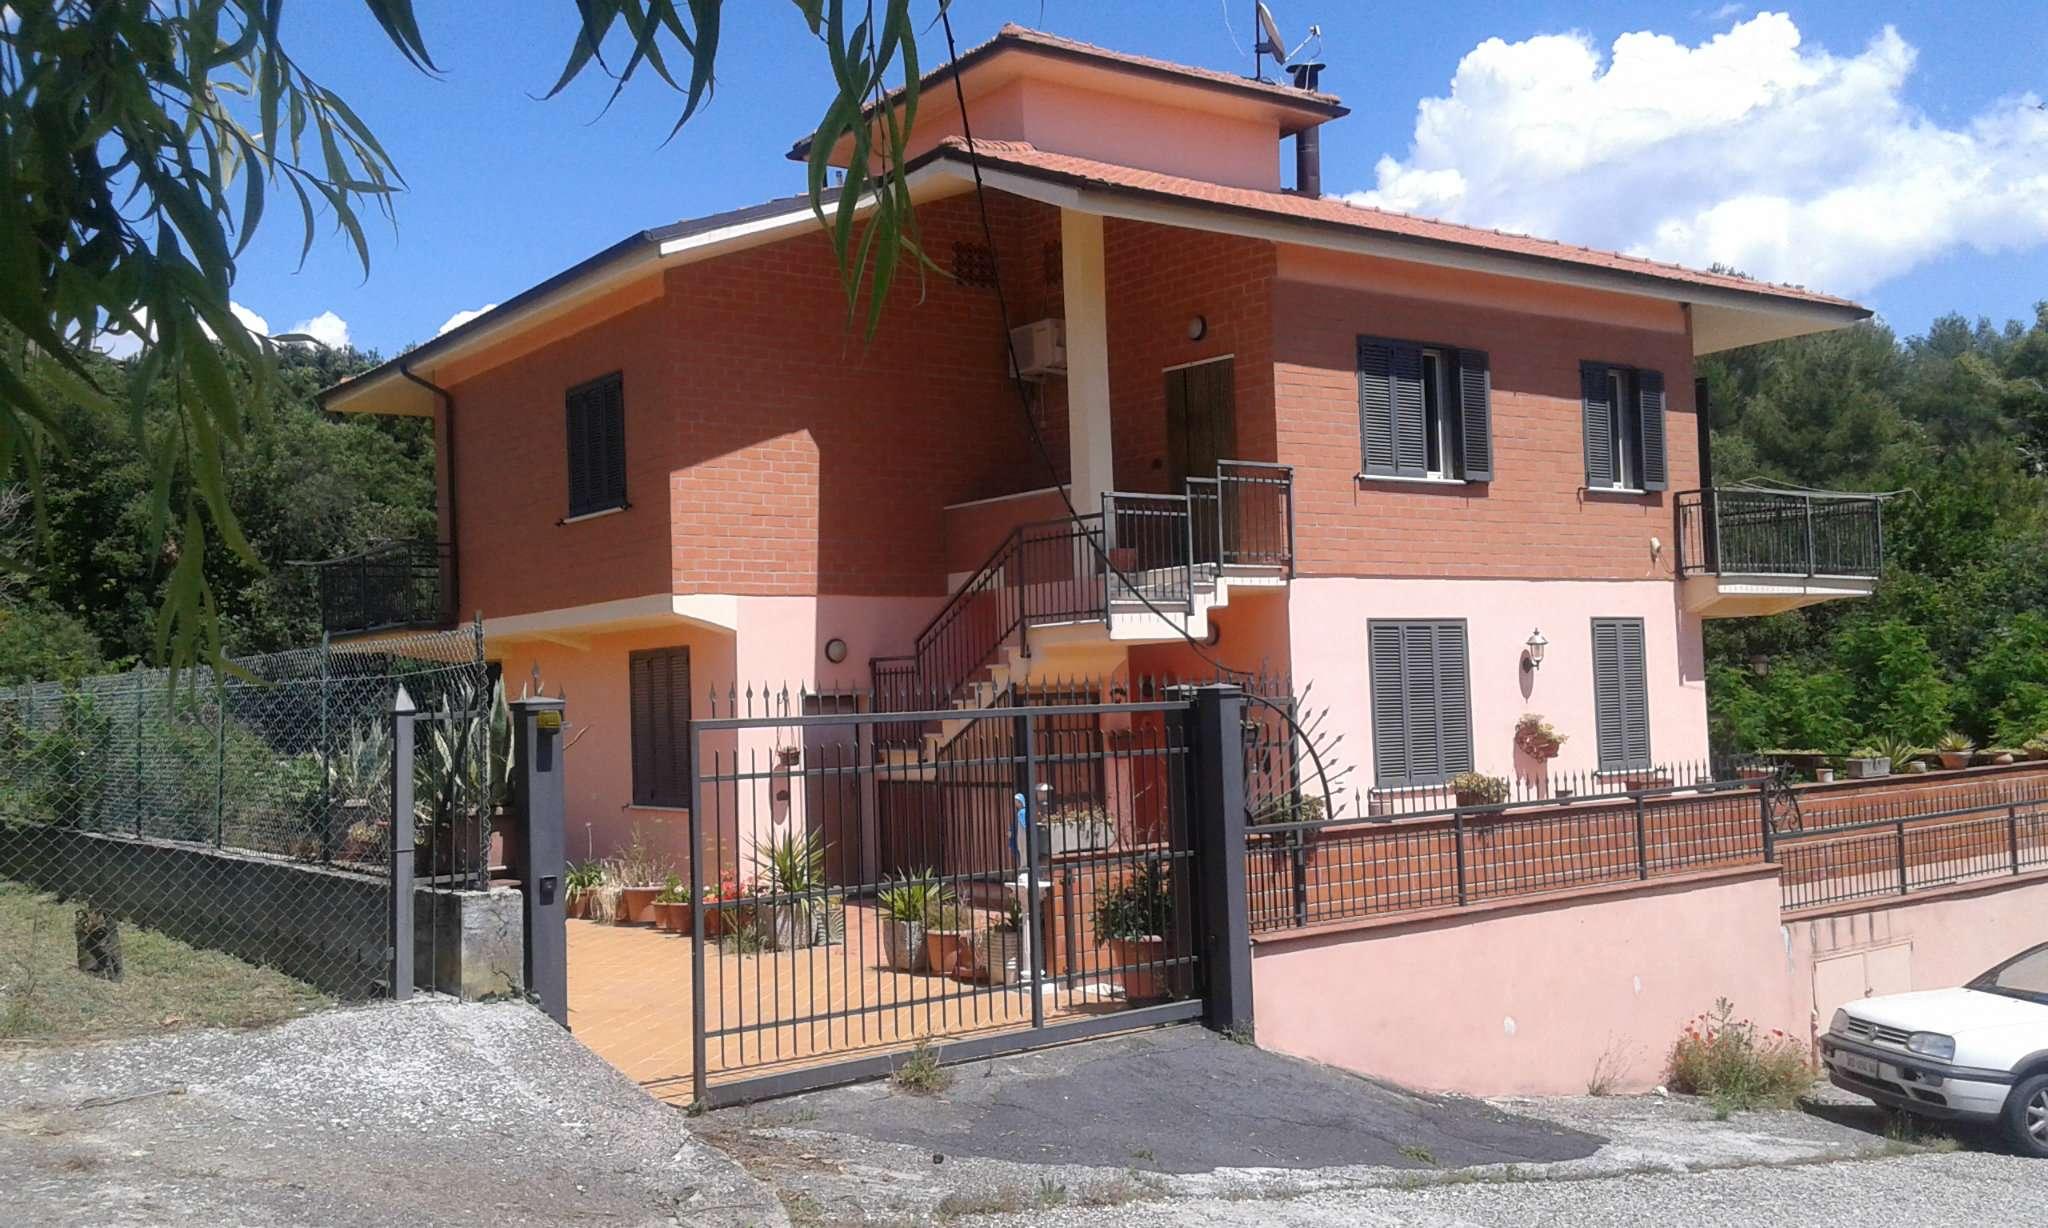 Villa in vendita a Narni, 6 locali, prezzo € 450.000 | Cambio Casa.it